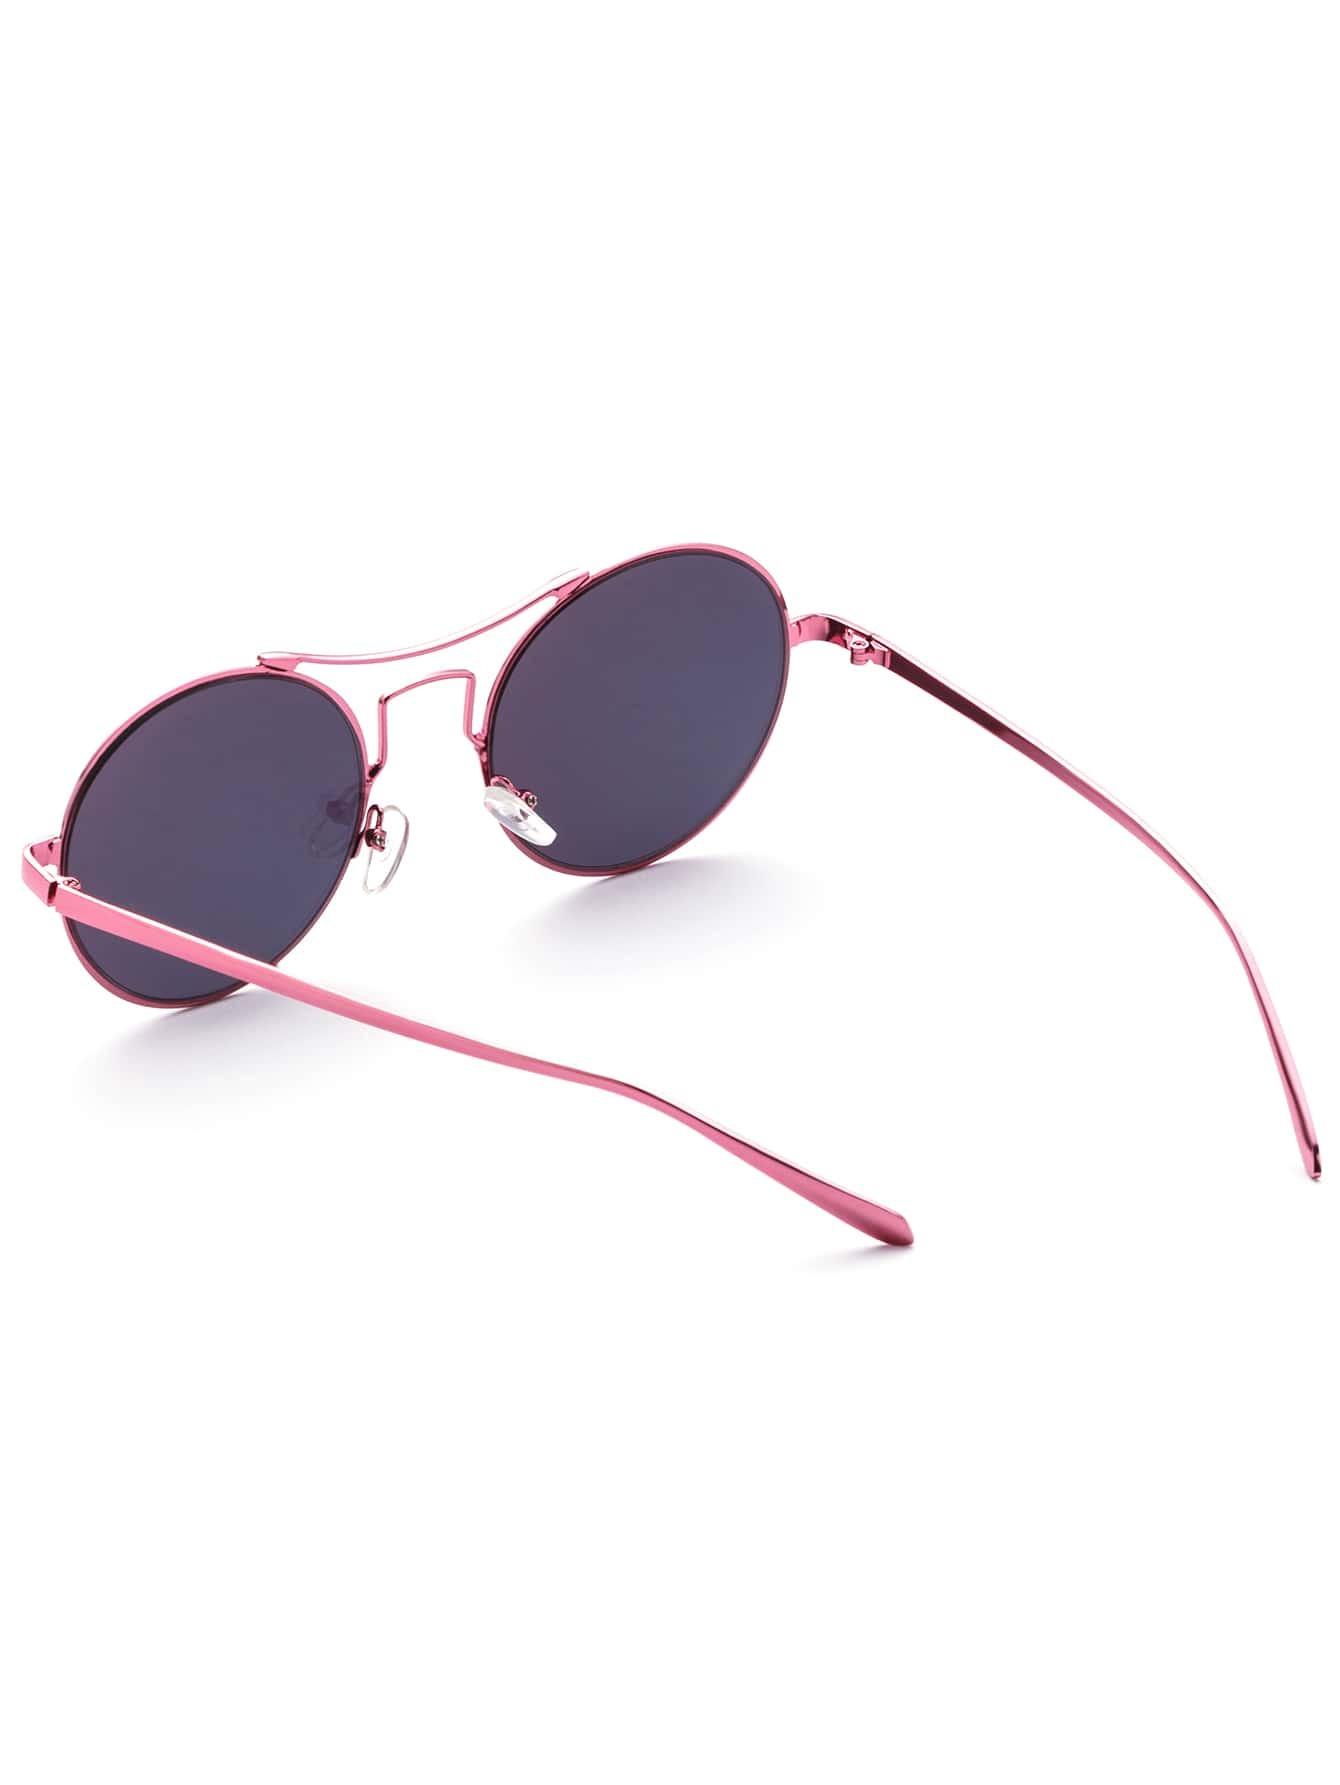 6d54eb3f26 Rose Gold Frame Tinted Lens Round Retro Sunglasses -SheIn(Sheinside)